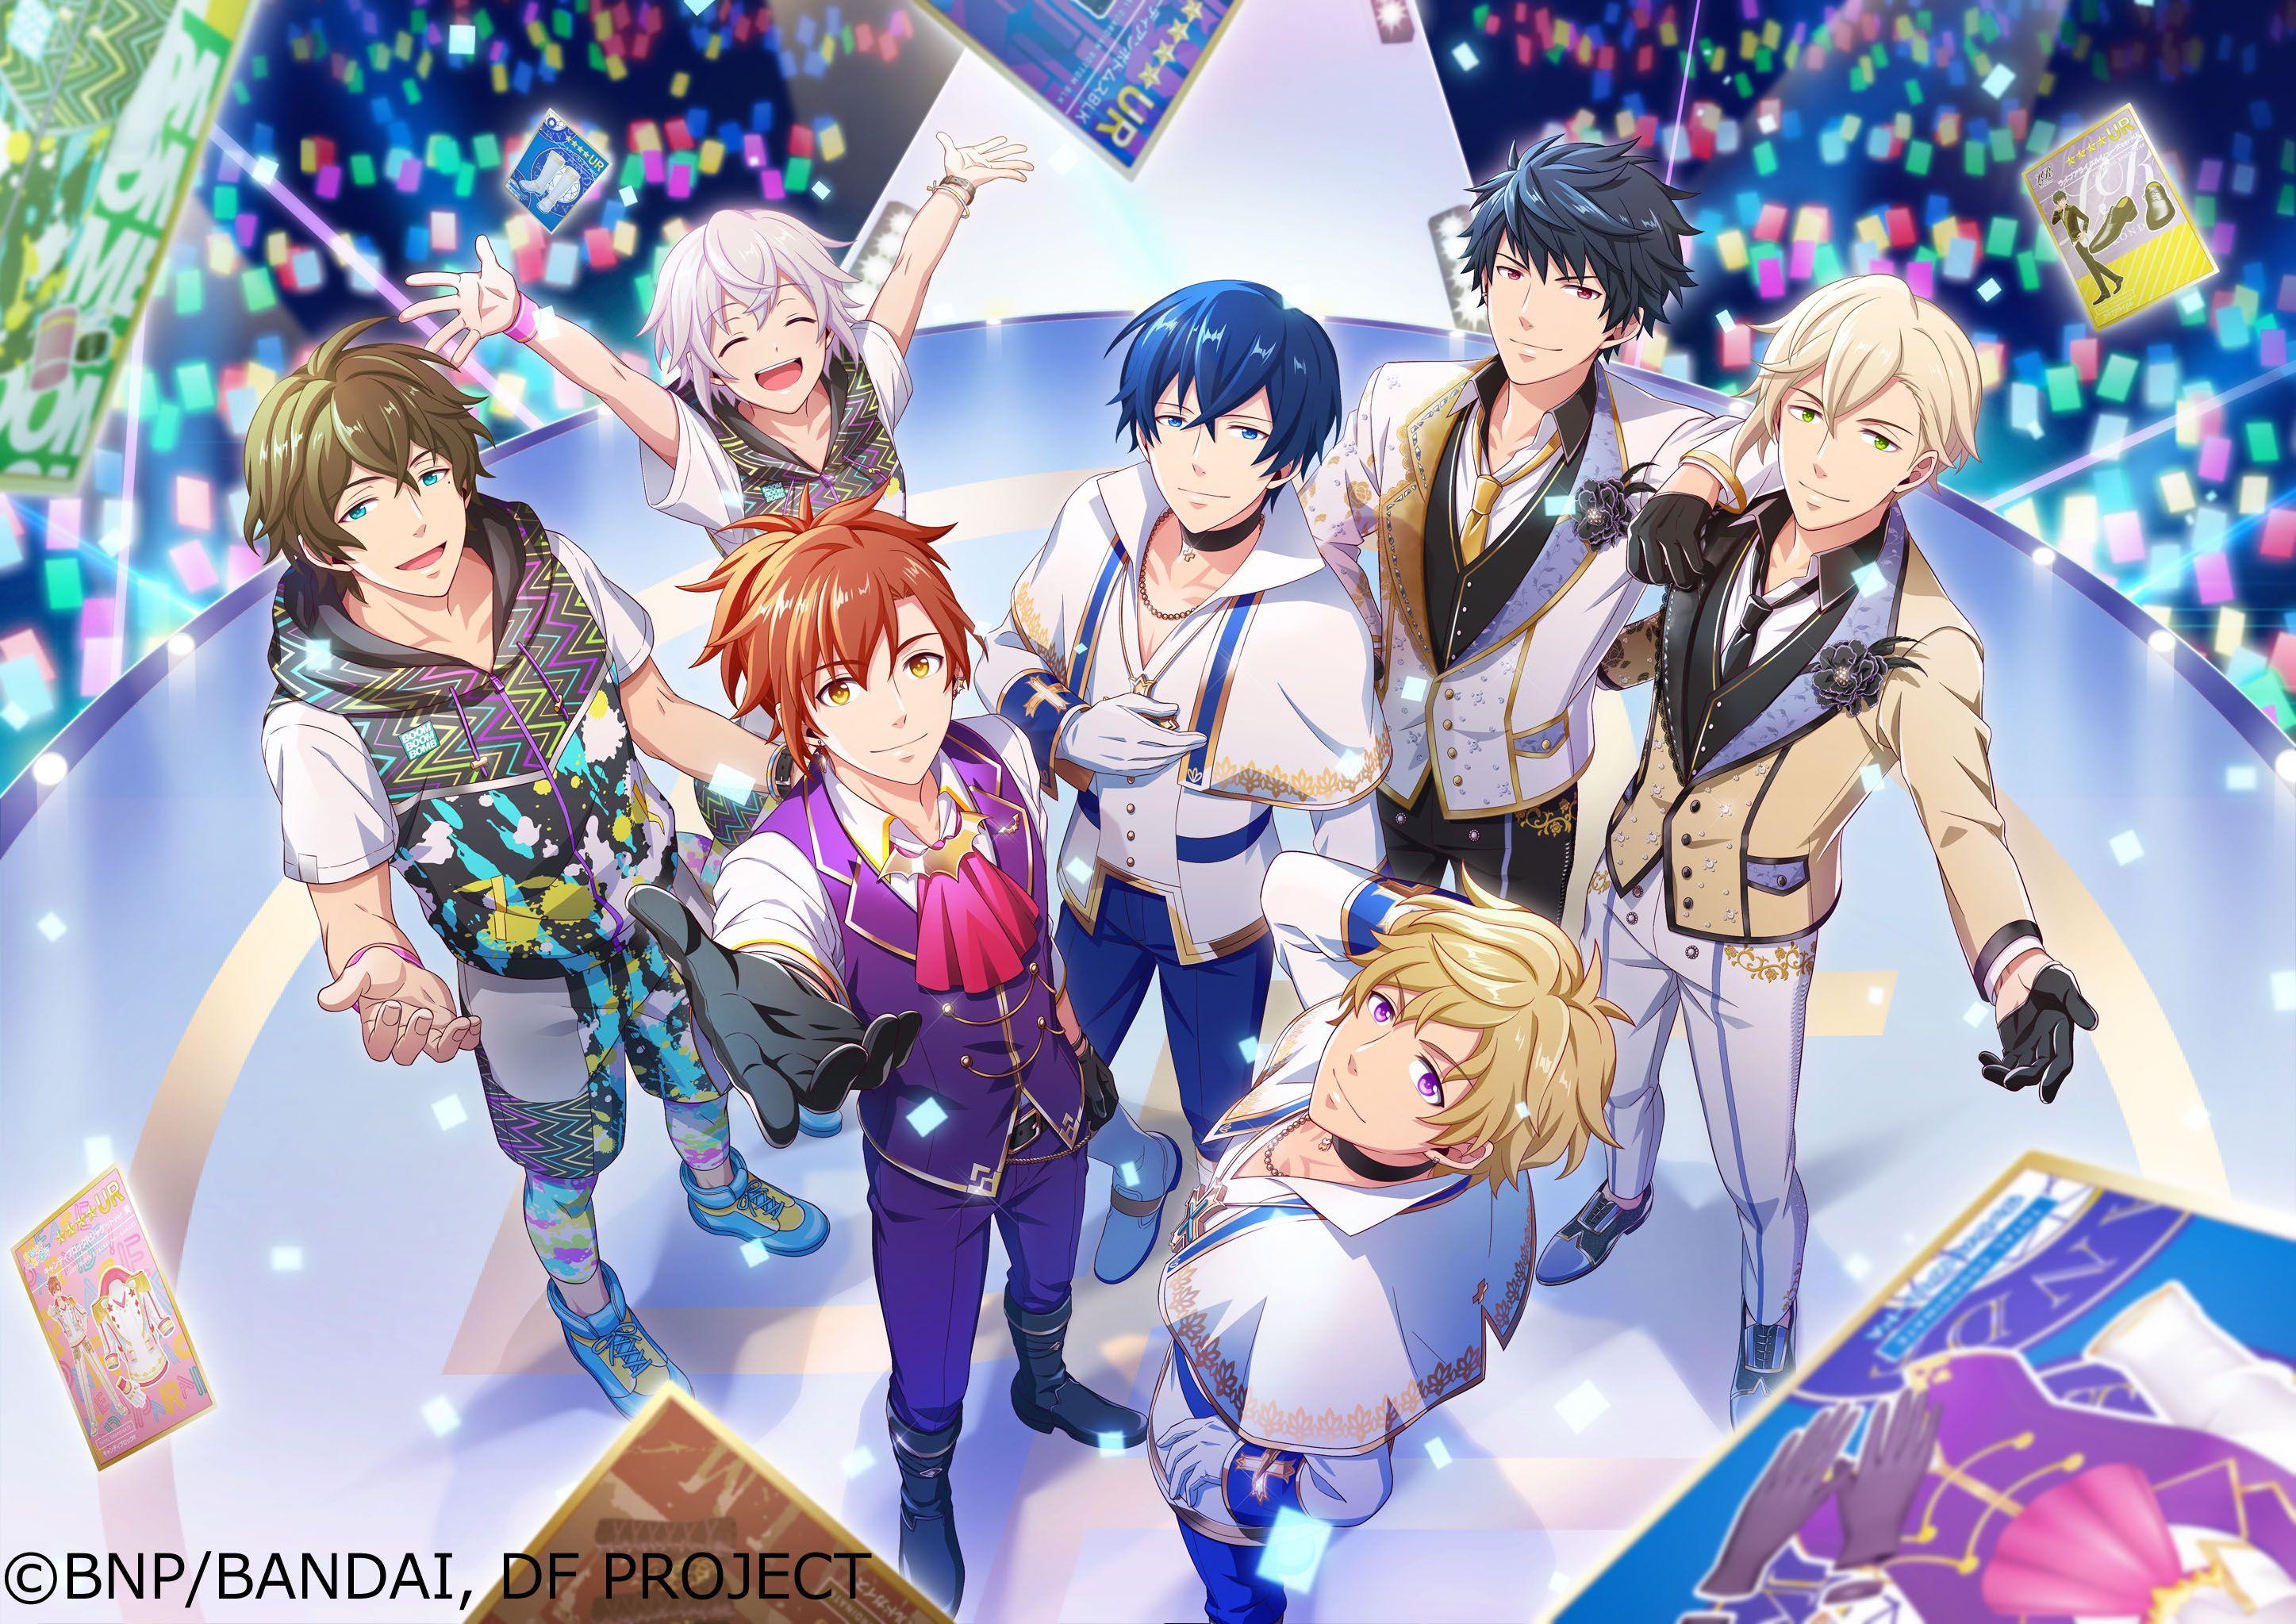 『ドリフェス!R』日本武道館にて開催のFINAL STAGE追加公演が決定